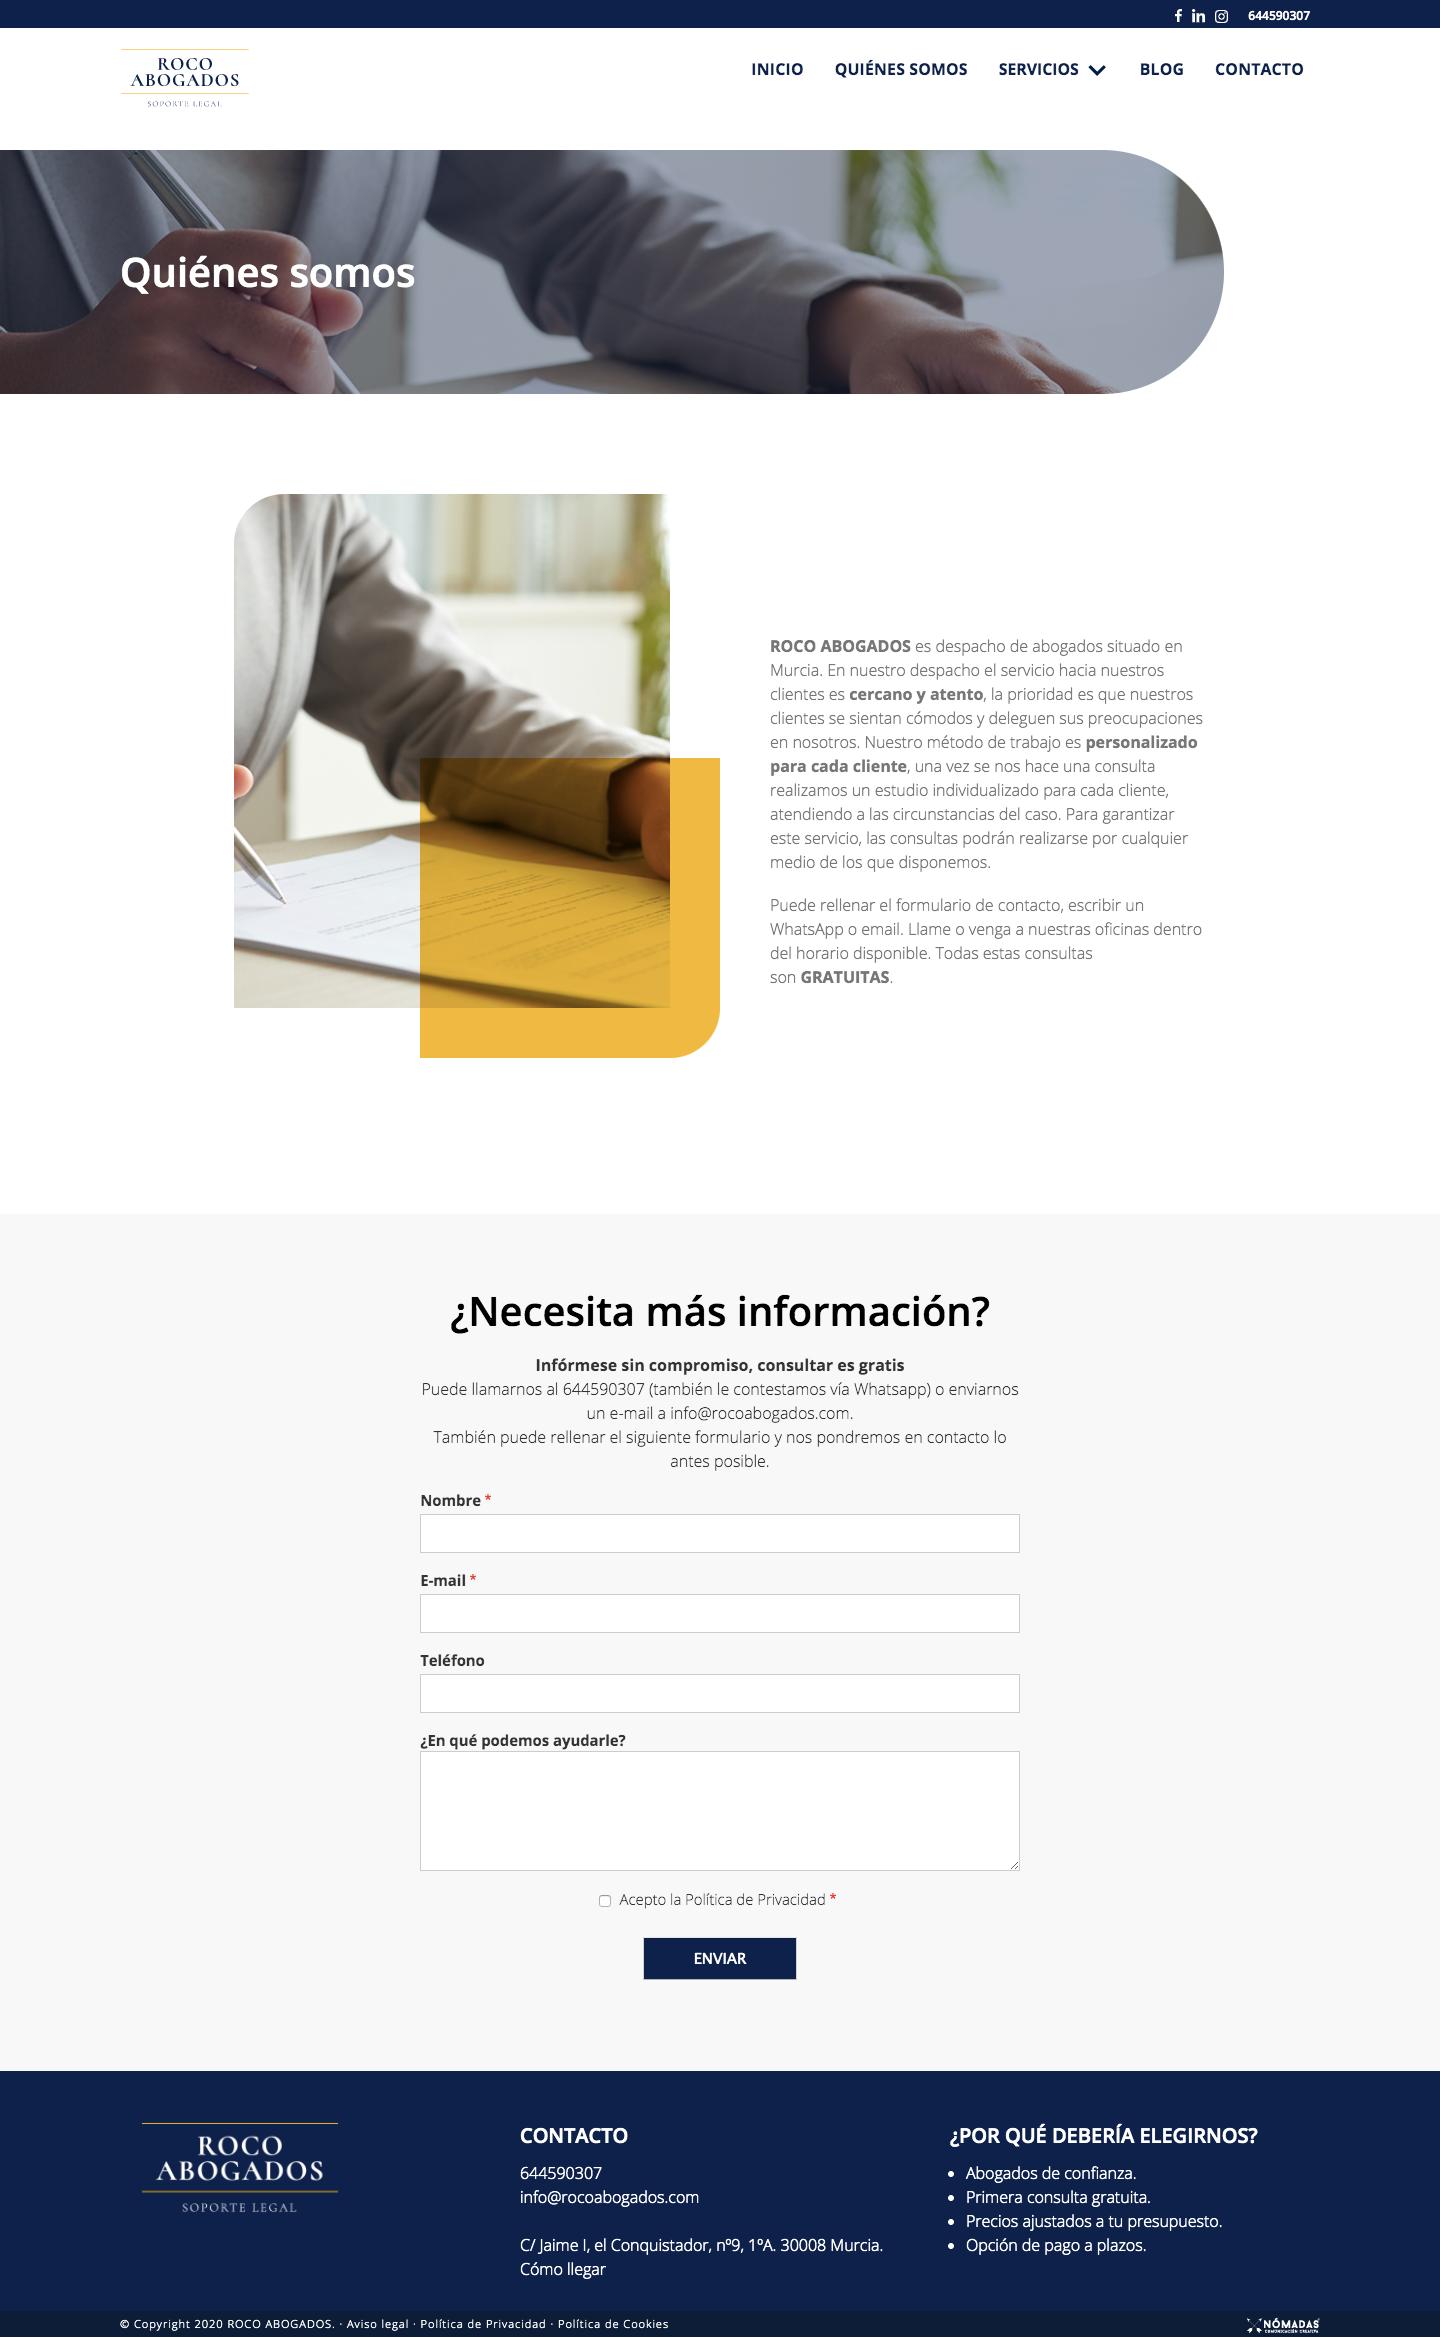 Abogados deportivo en Murcia, Madrid y Panamá. Agencia de Marketing digital en Murcia | Nómadas Comunicación Creativa.